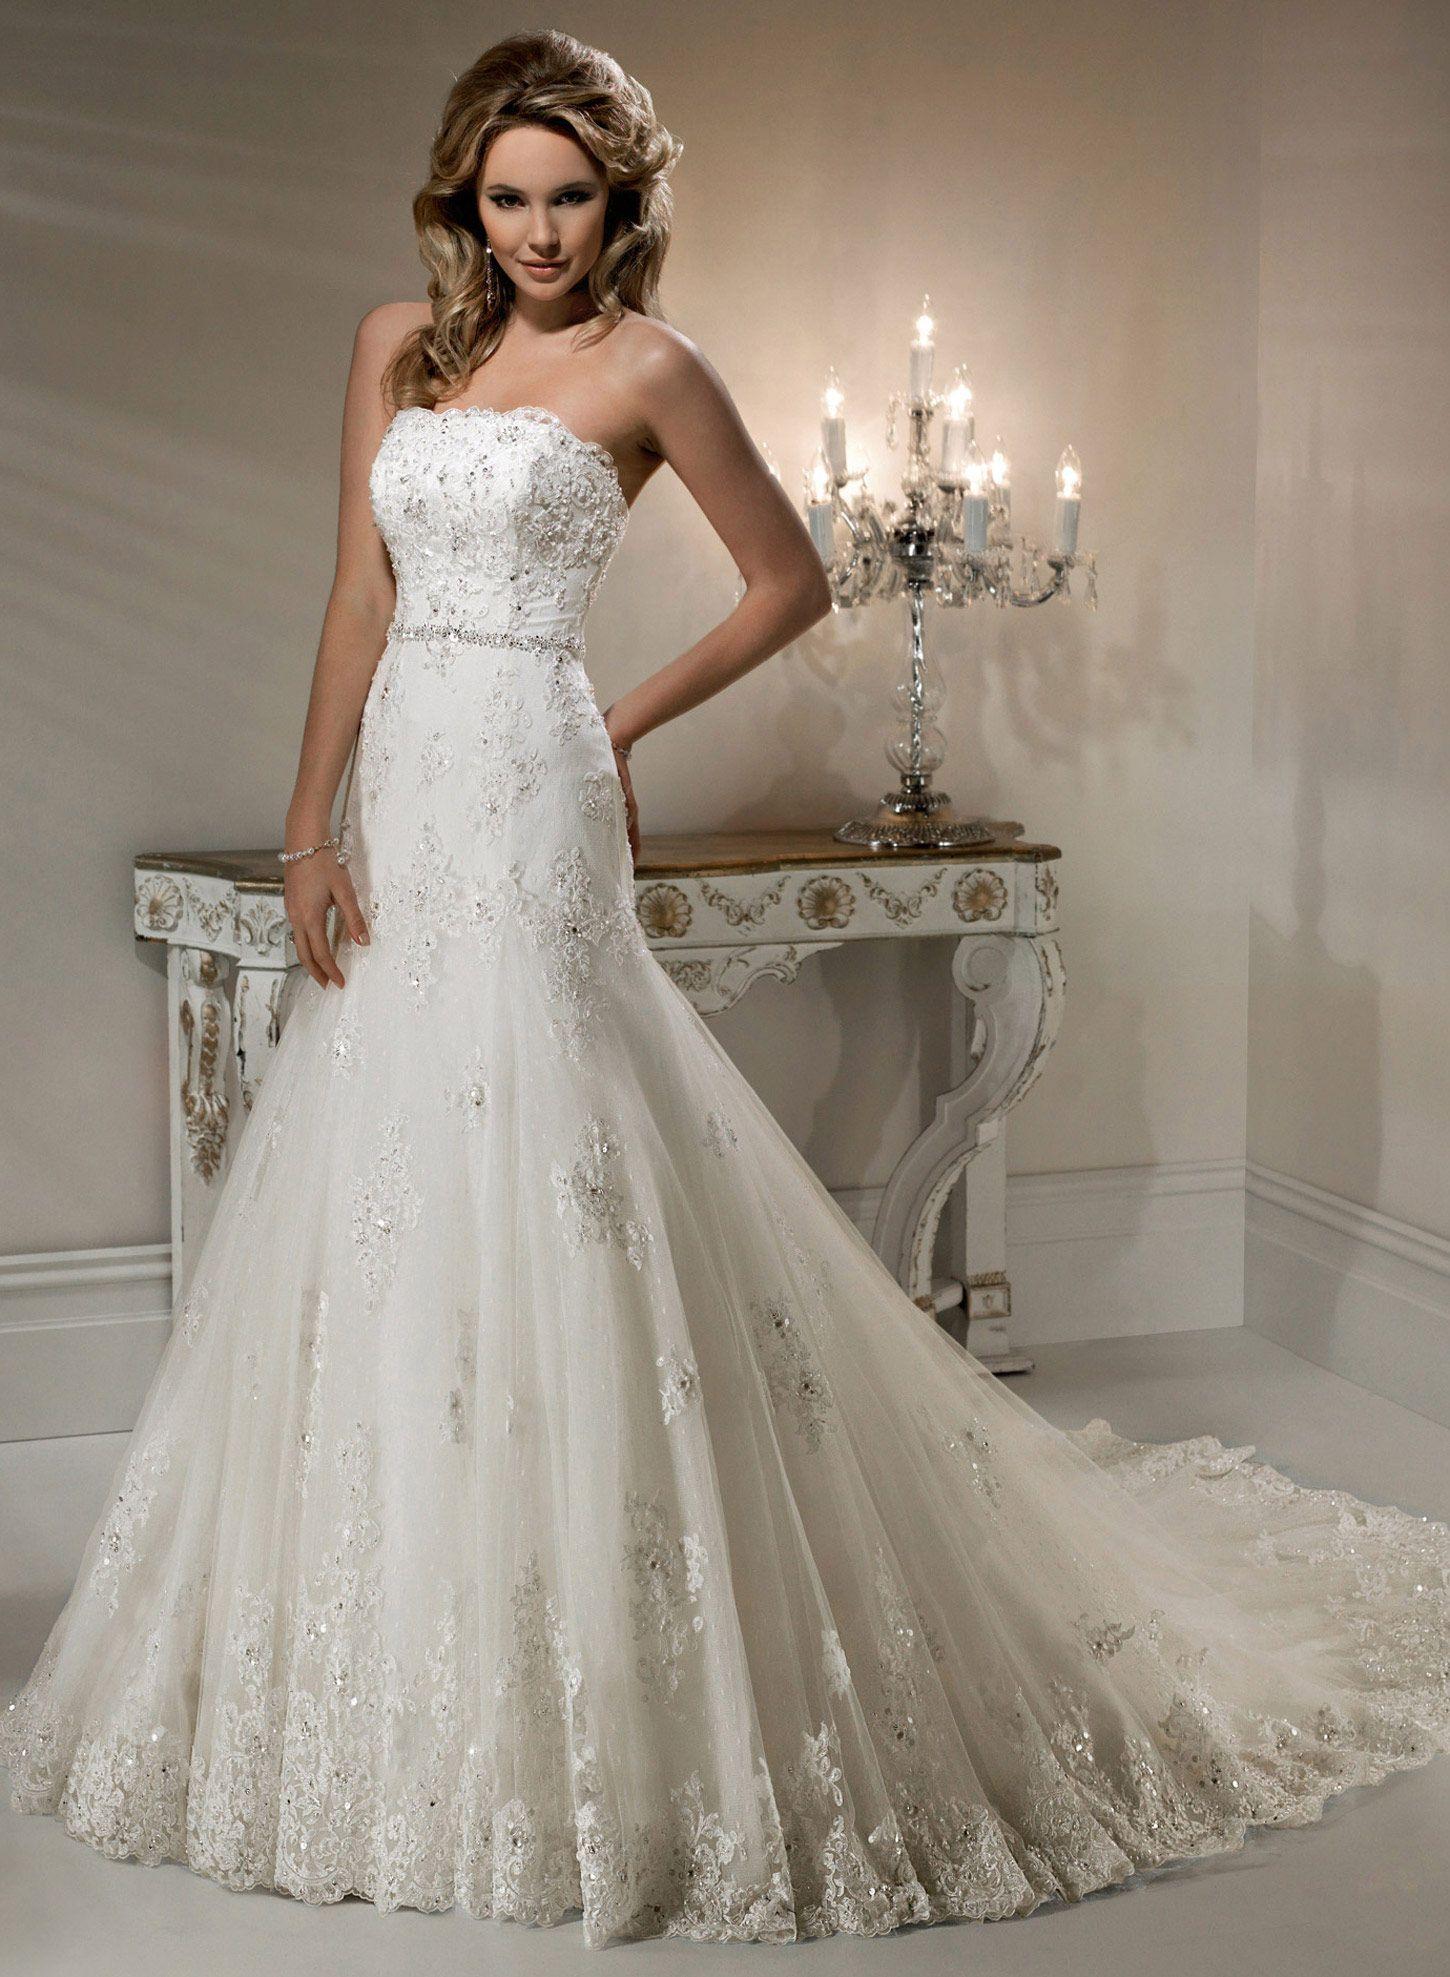 Maggie Sottero Wedding Dresses   Vestidos de novia, De novia y Novios